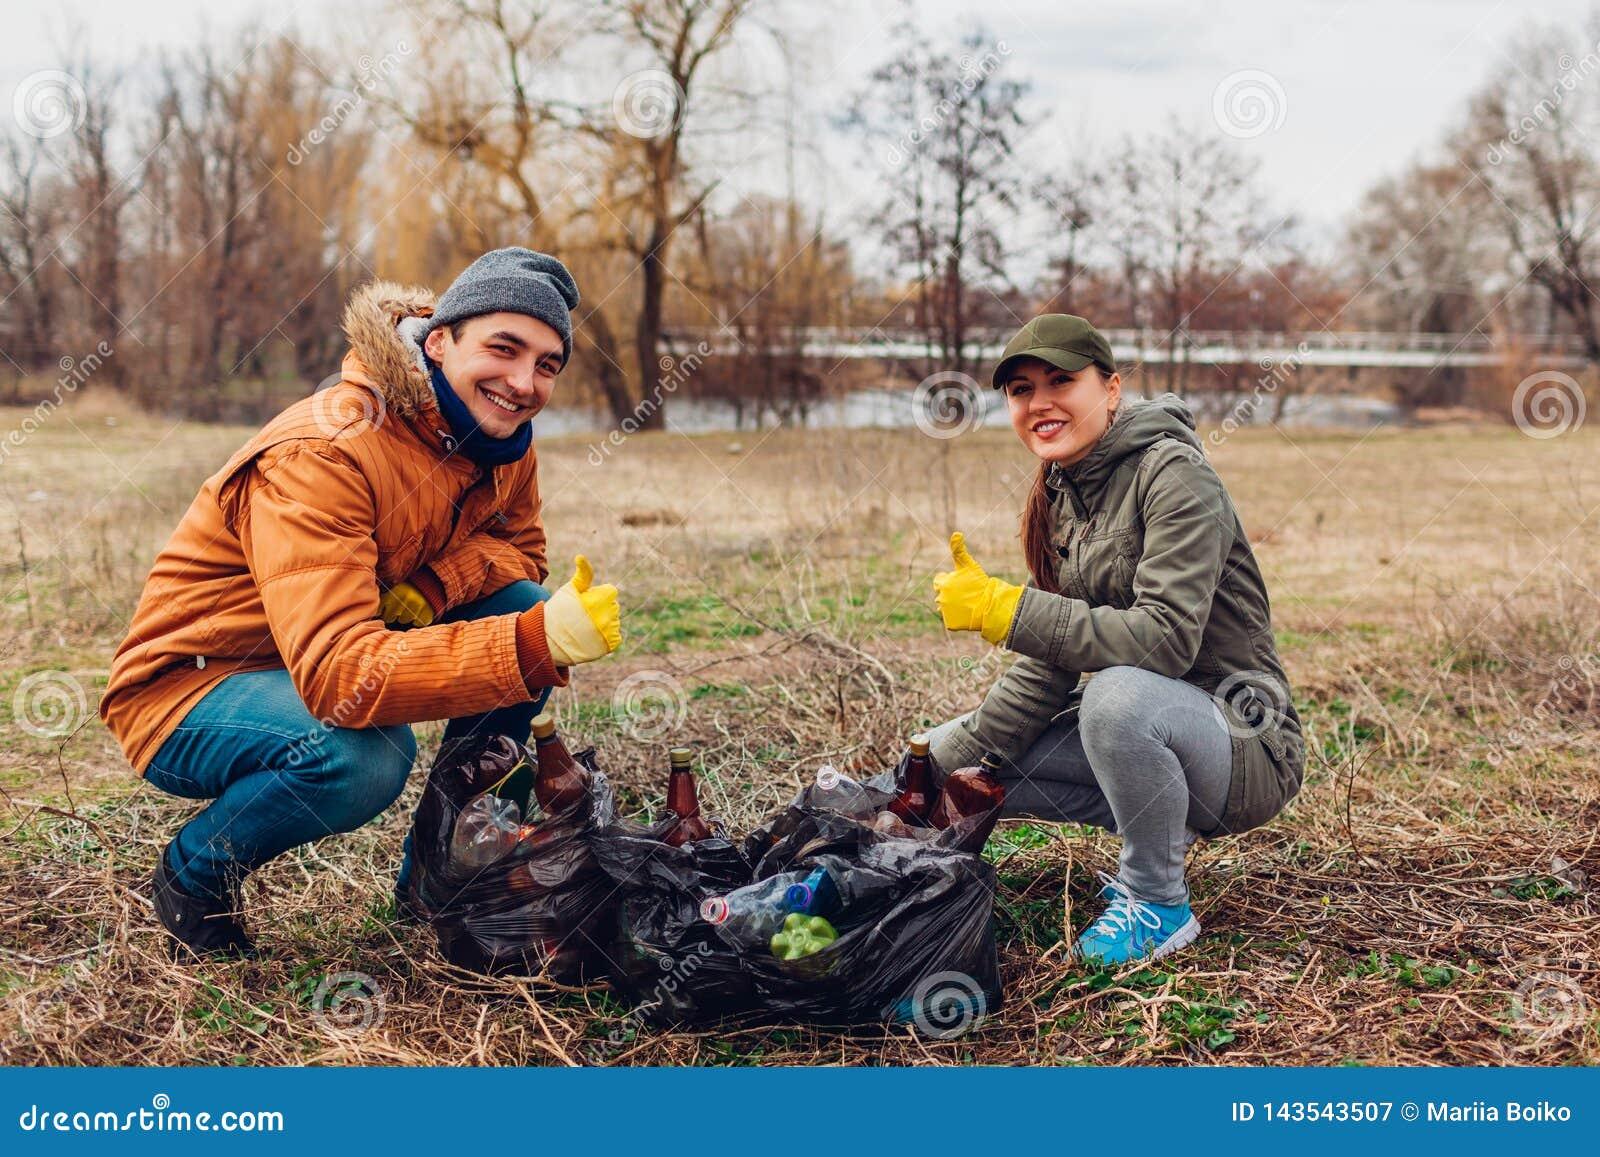 Couplez des volontaires a nettoyé les déchets en parc Les gens ont pris des déchets et résultat de représentation avec le pouce